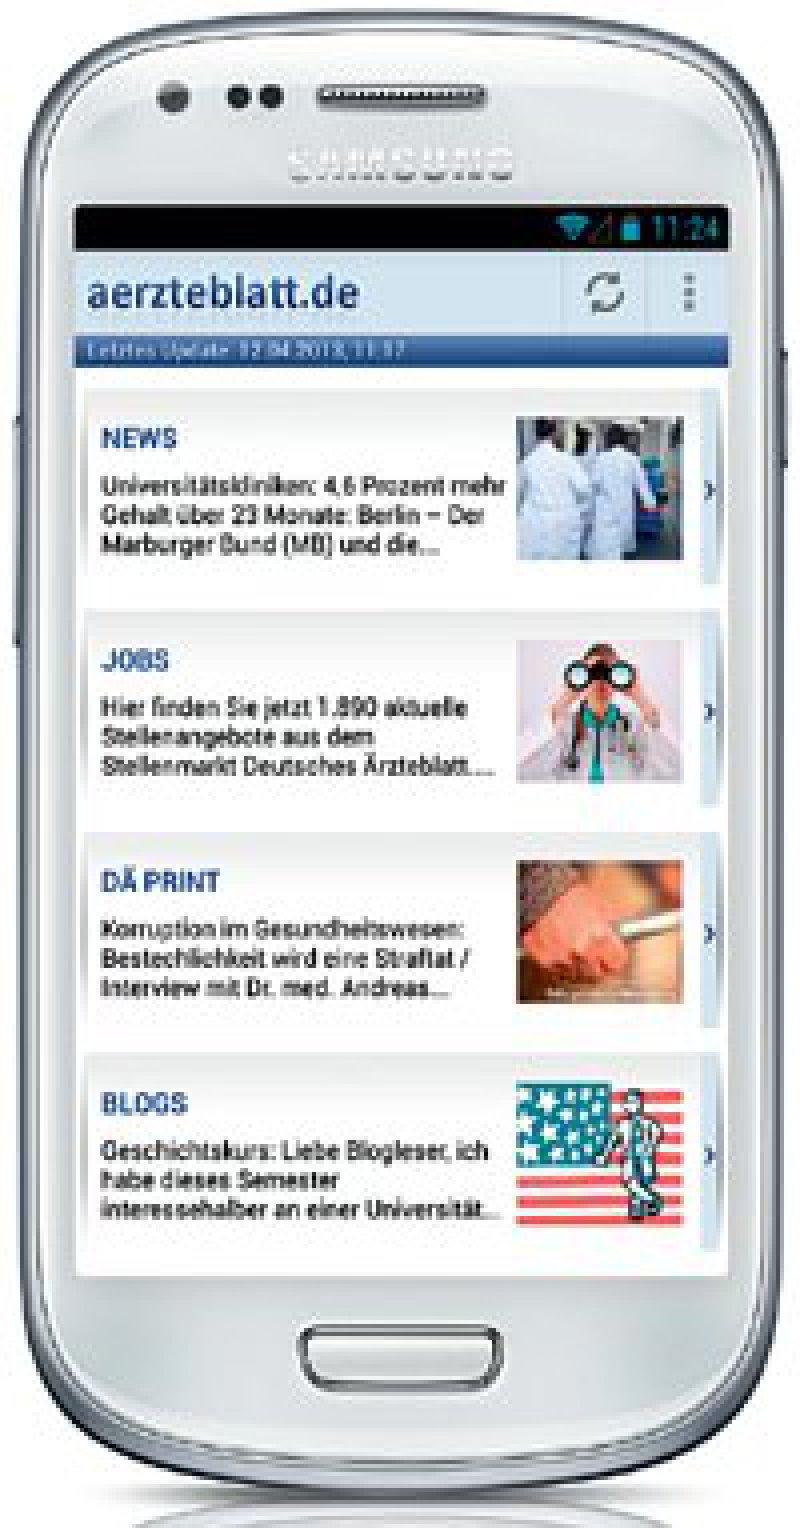 Die Ärzteblatt-App gibt es jetzt auch für Android-Handys.